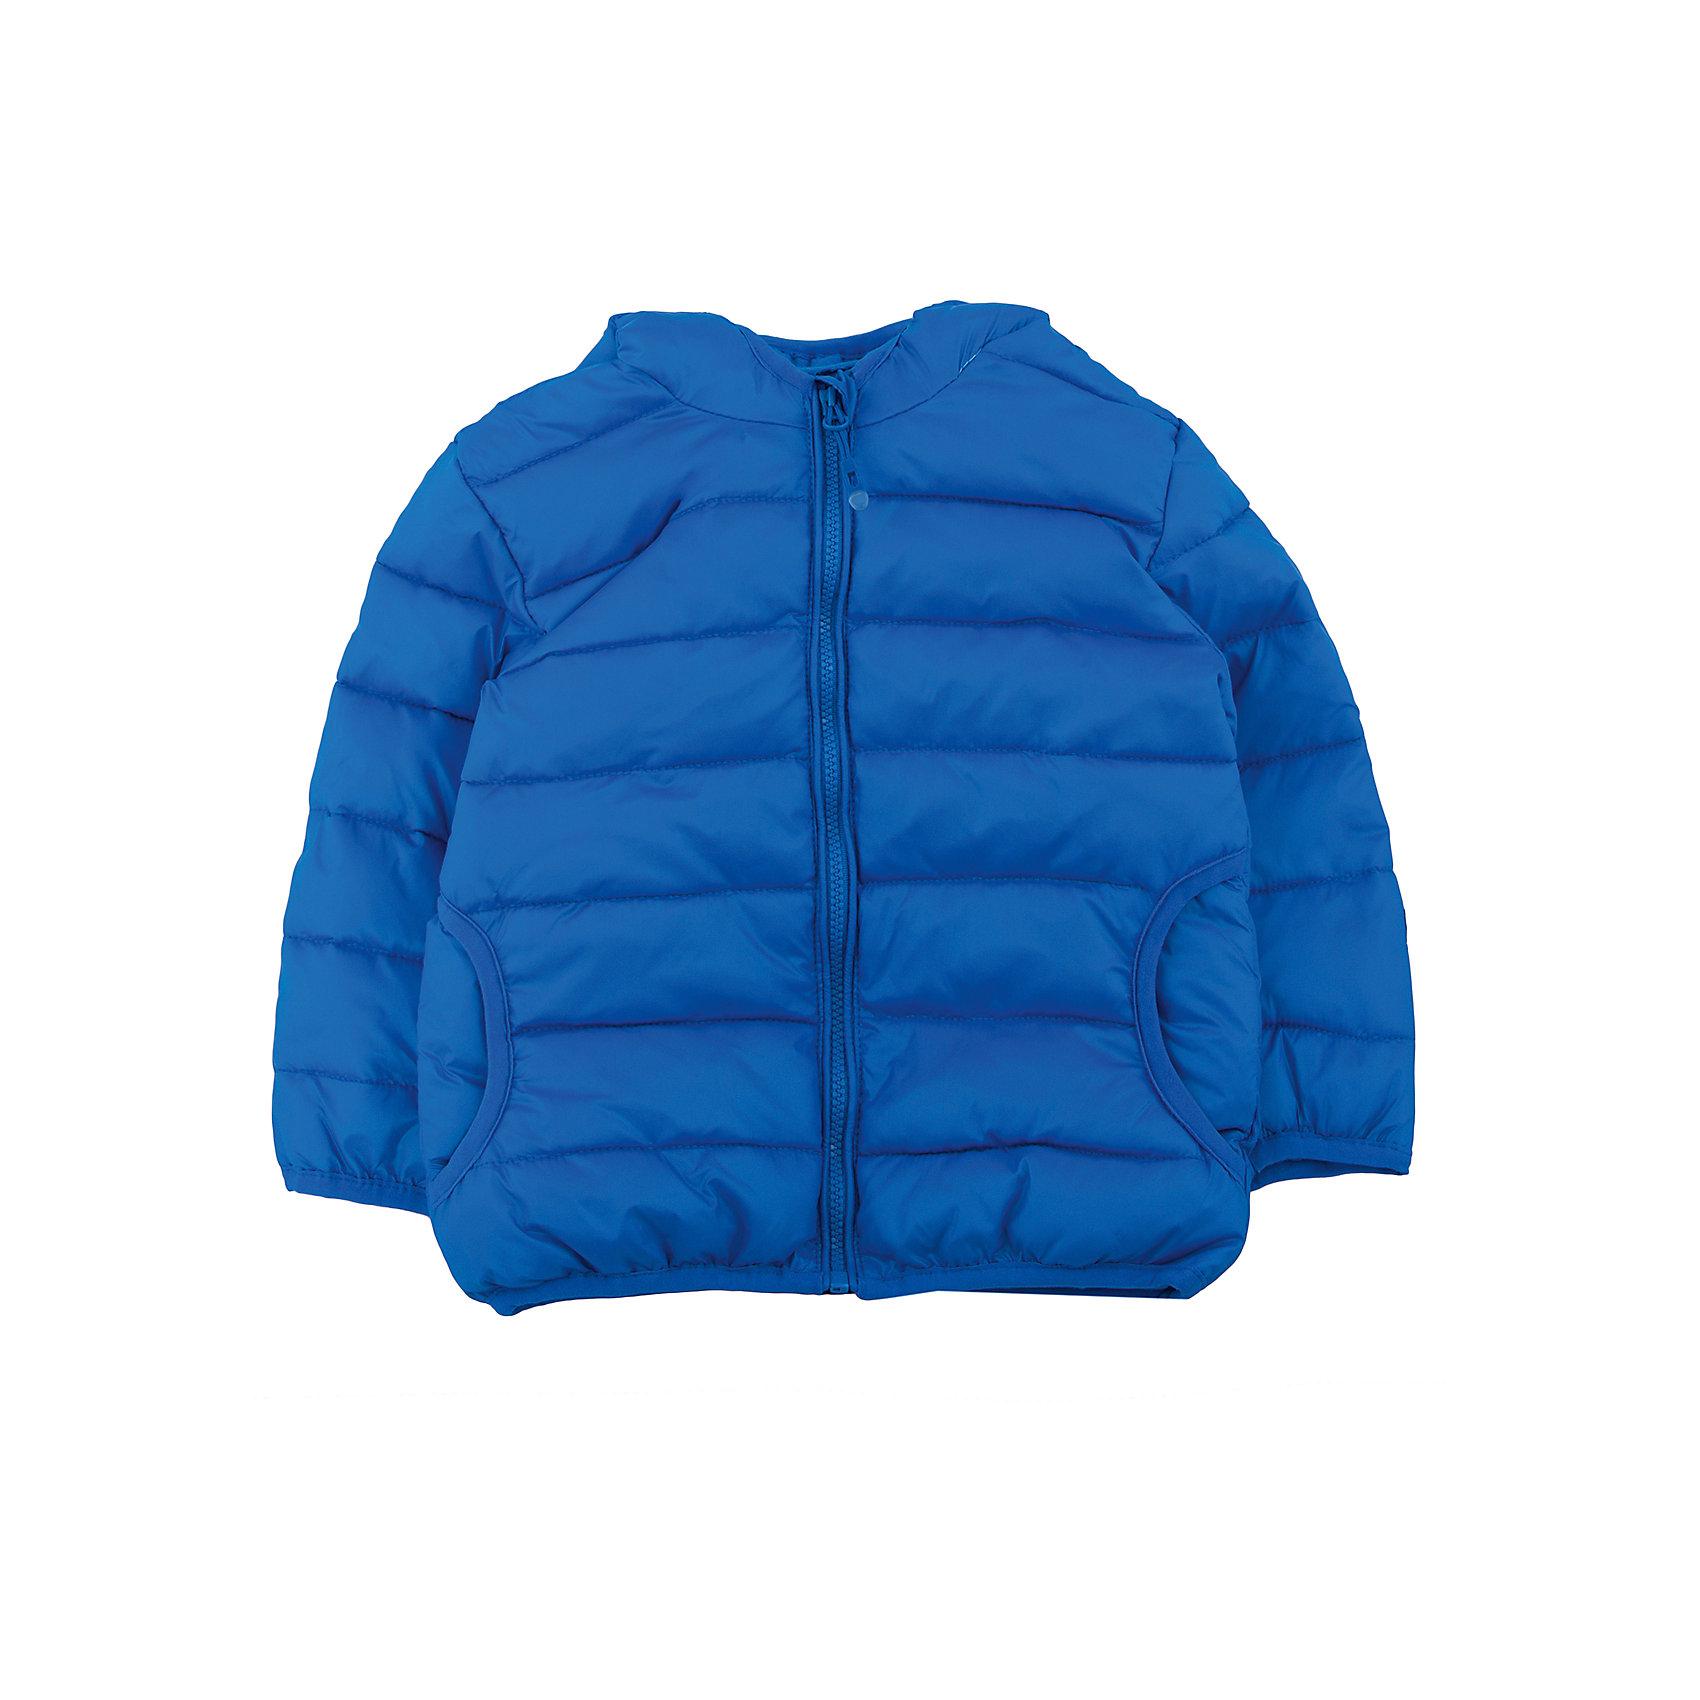 Куртка для мальчика PlayTodayКуртка для мальчика от известного бренда PlayToday.<br>Яркая стеганая куртка для мальчика. Внутри уютная хлопковая подкладка. Застегивается на молнию с защитой подбородка и фигурным пуллером. Капюшон, рукава и низ на мягкой резиночке.<br>Состав:<br>Верх: 100% нейлон, подкладка: 65% хлопок, 35% полиэстер, Утеплитель: 100% полиэстер, 120 г/м2<br><br>Ширина мм: 157<br>Глубина мм: 13<br>Высота мм: 119<br>Вес г: 200<br>Цвет: синий<br>Возраст от месяцев: 6<br>Возраст до месяцев: 9<br>Пол: Мужской<br>Возраст: Детский<br>Размер: 74,86,92,80<br>SKU: 4900359